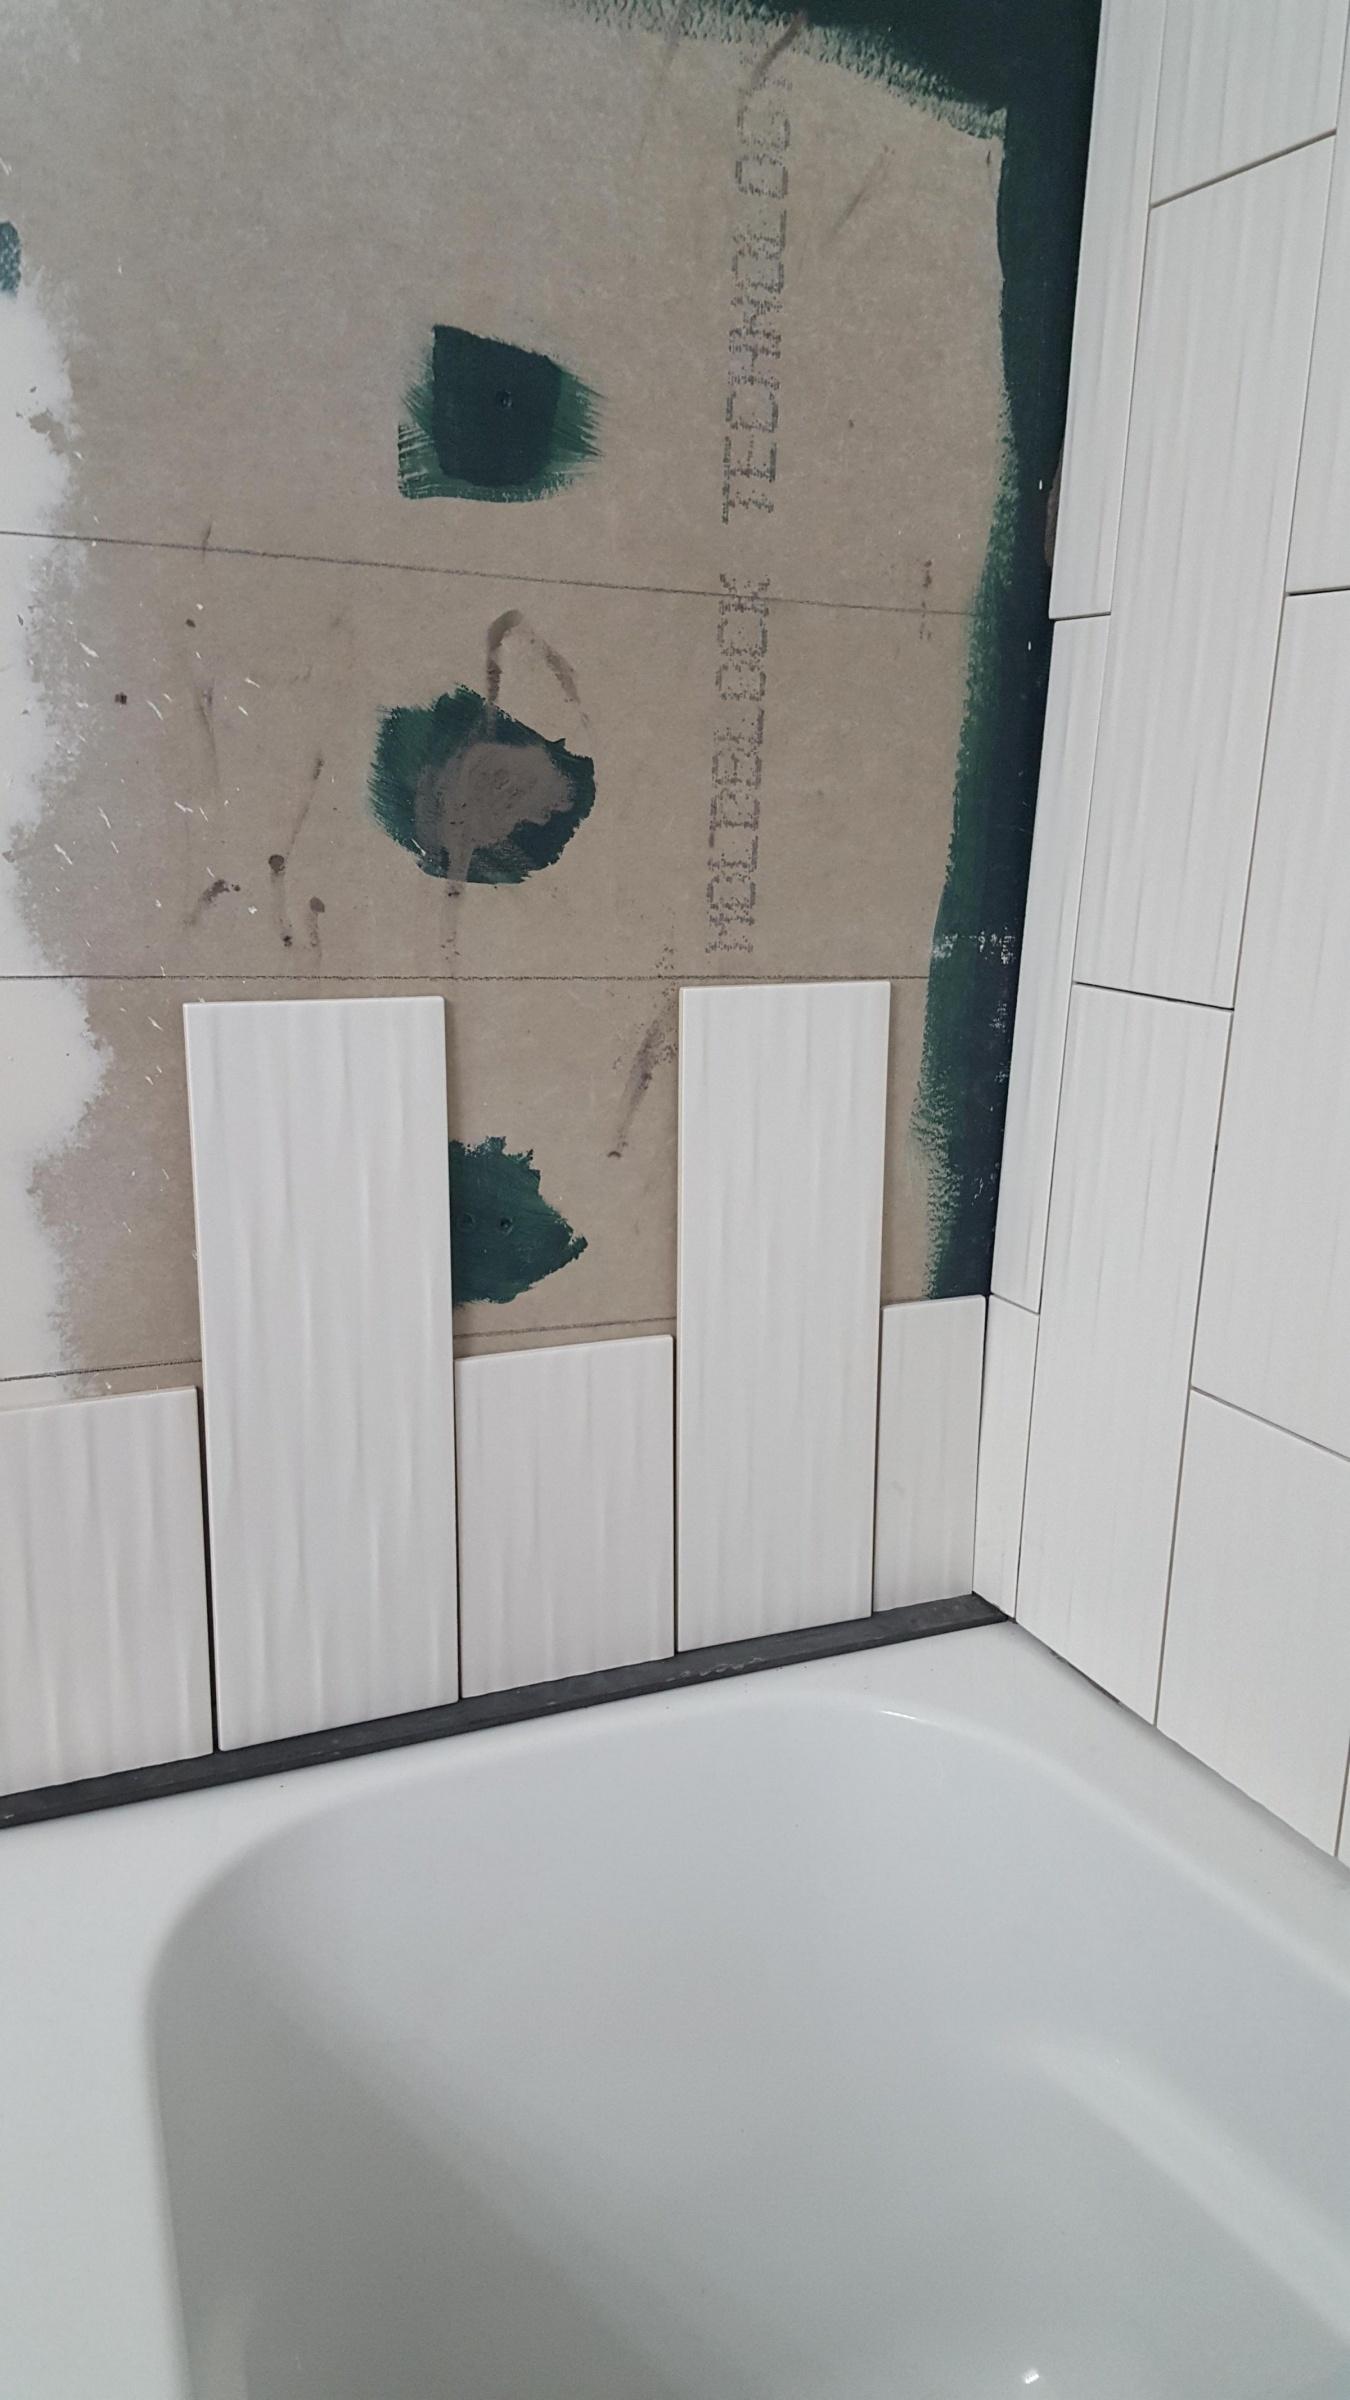 Shower Tile-20181124_154357_1543104367166.jpg